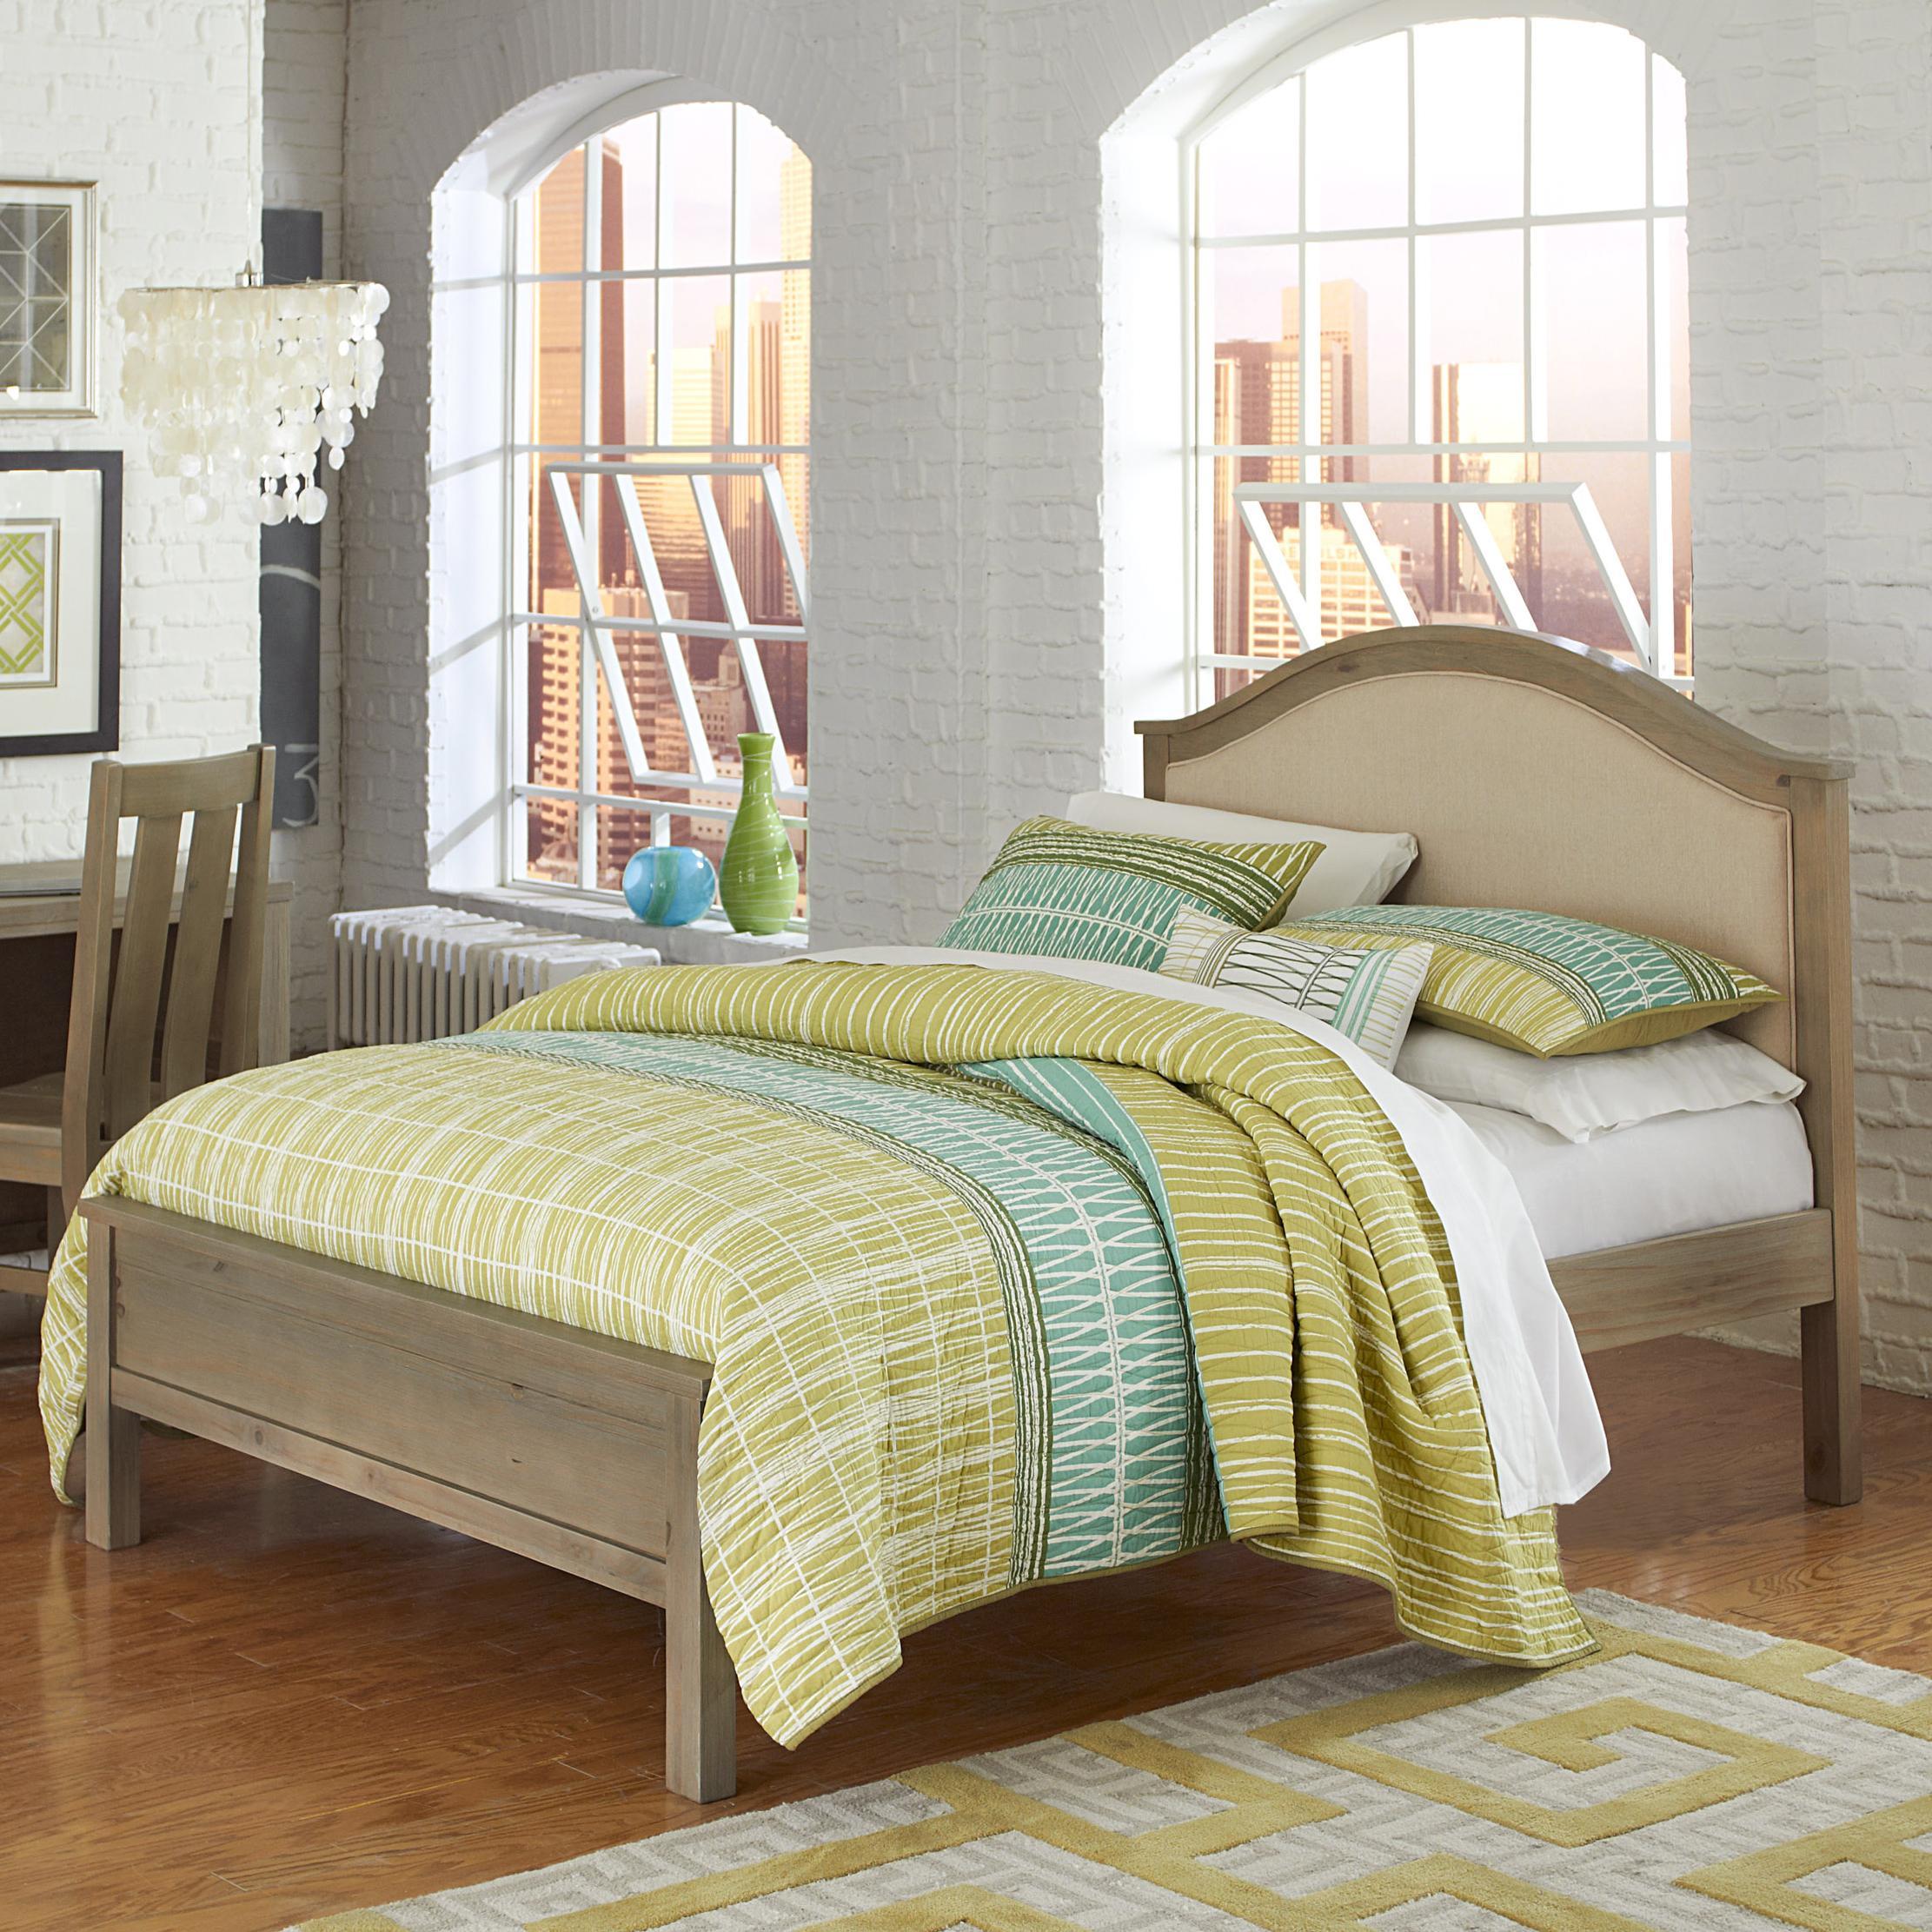 NE Kids Highlands Full Bailey Arch Upholstered Bed - Item Number: 10015